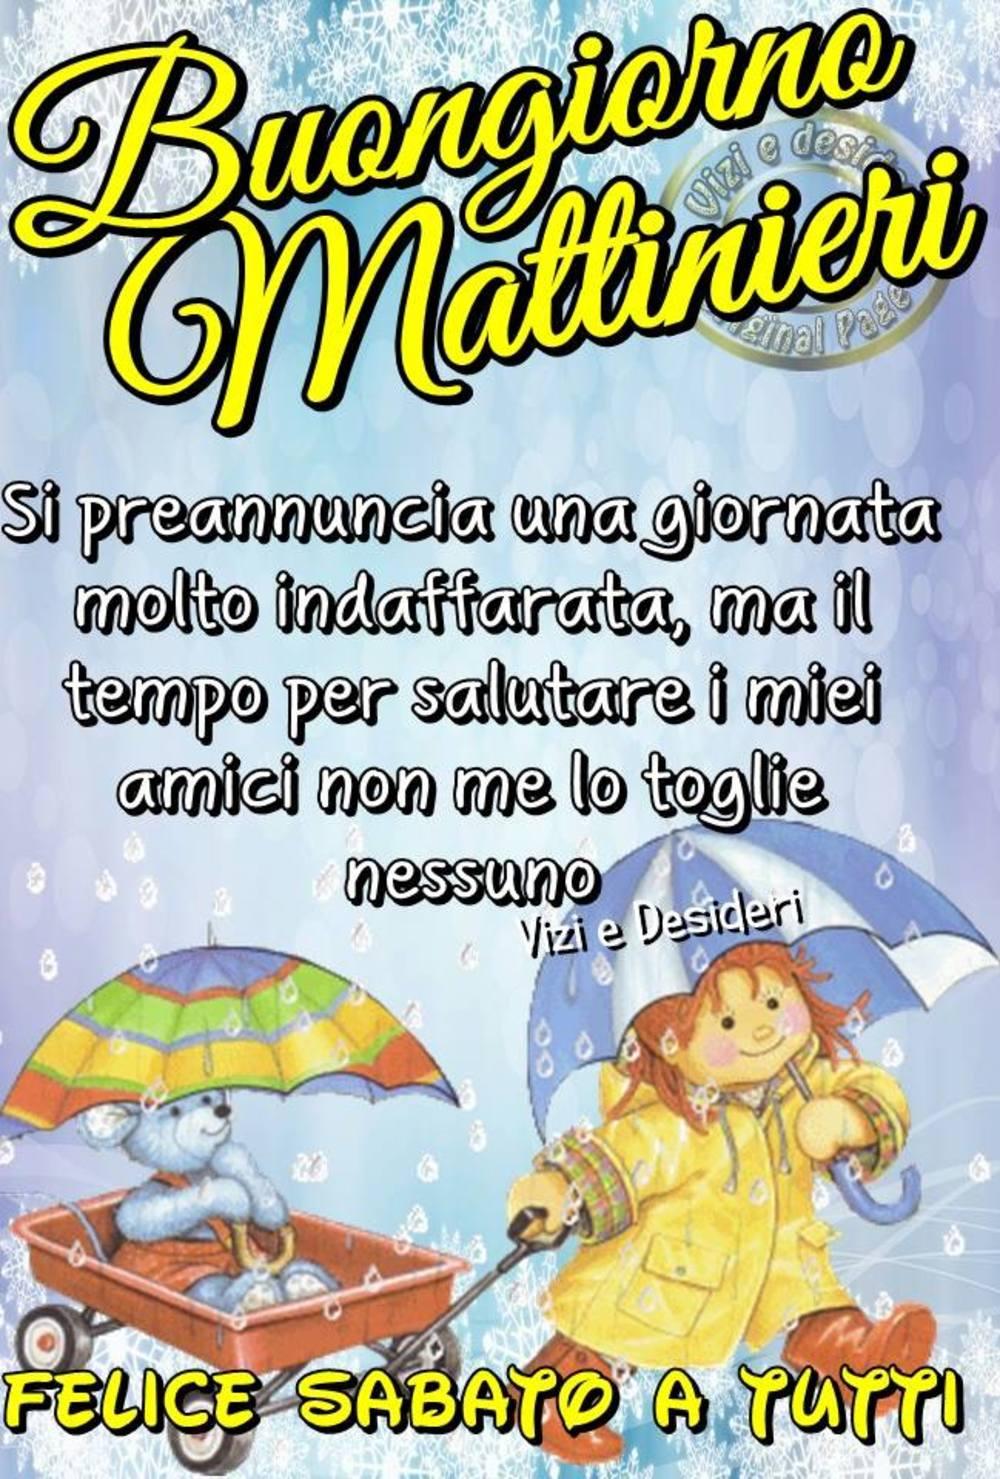 Buon Sabato Mattina Amici Miei 2 Buongiornoate It